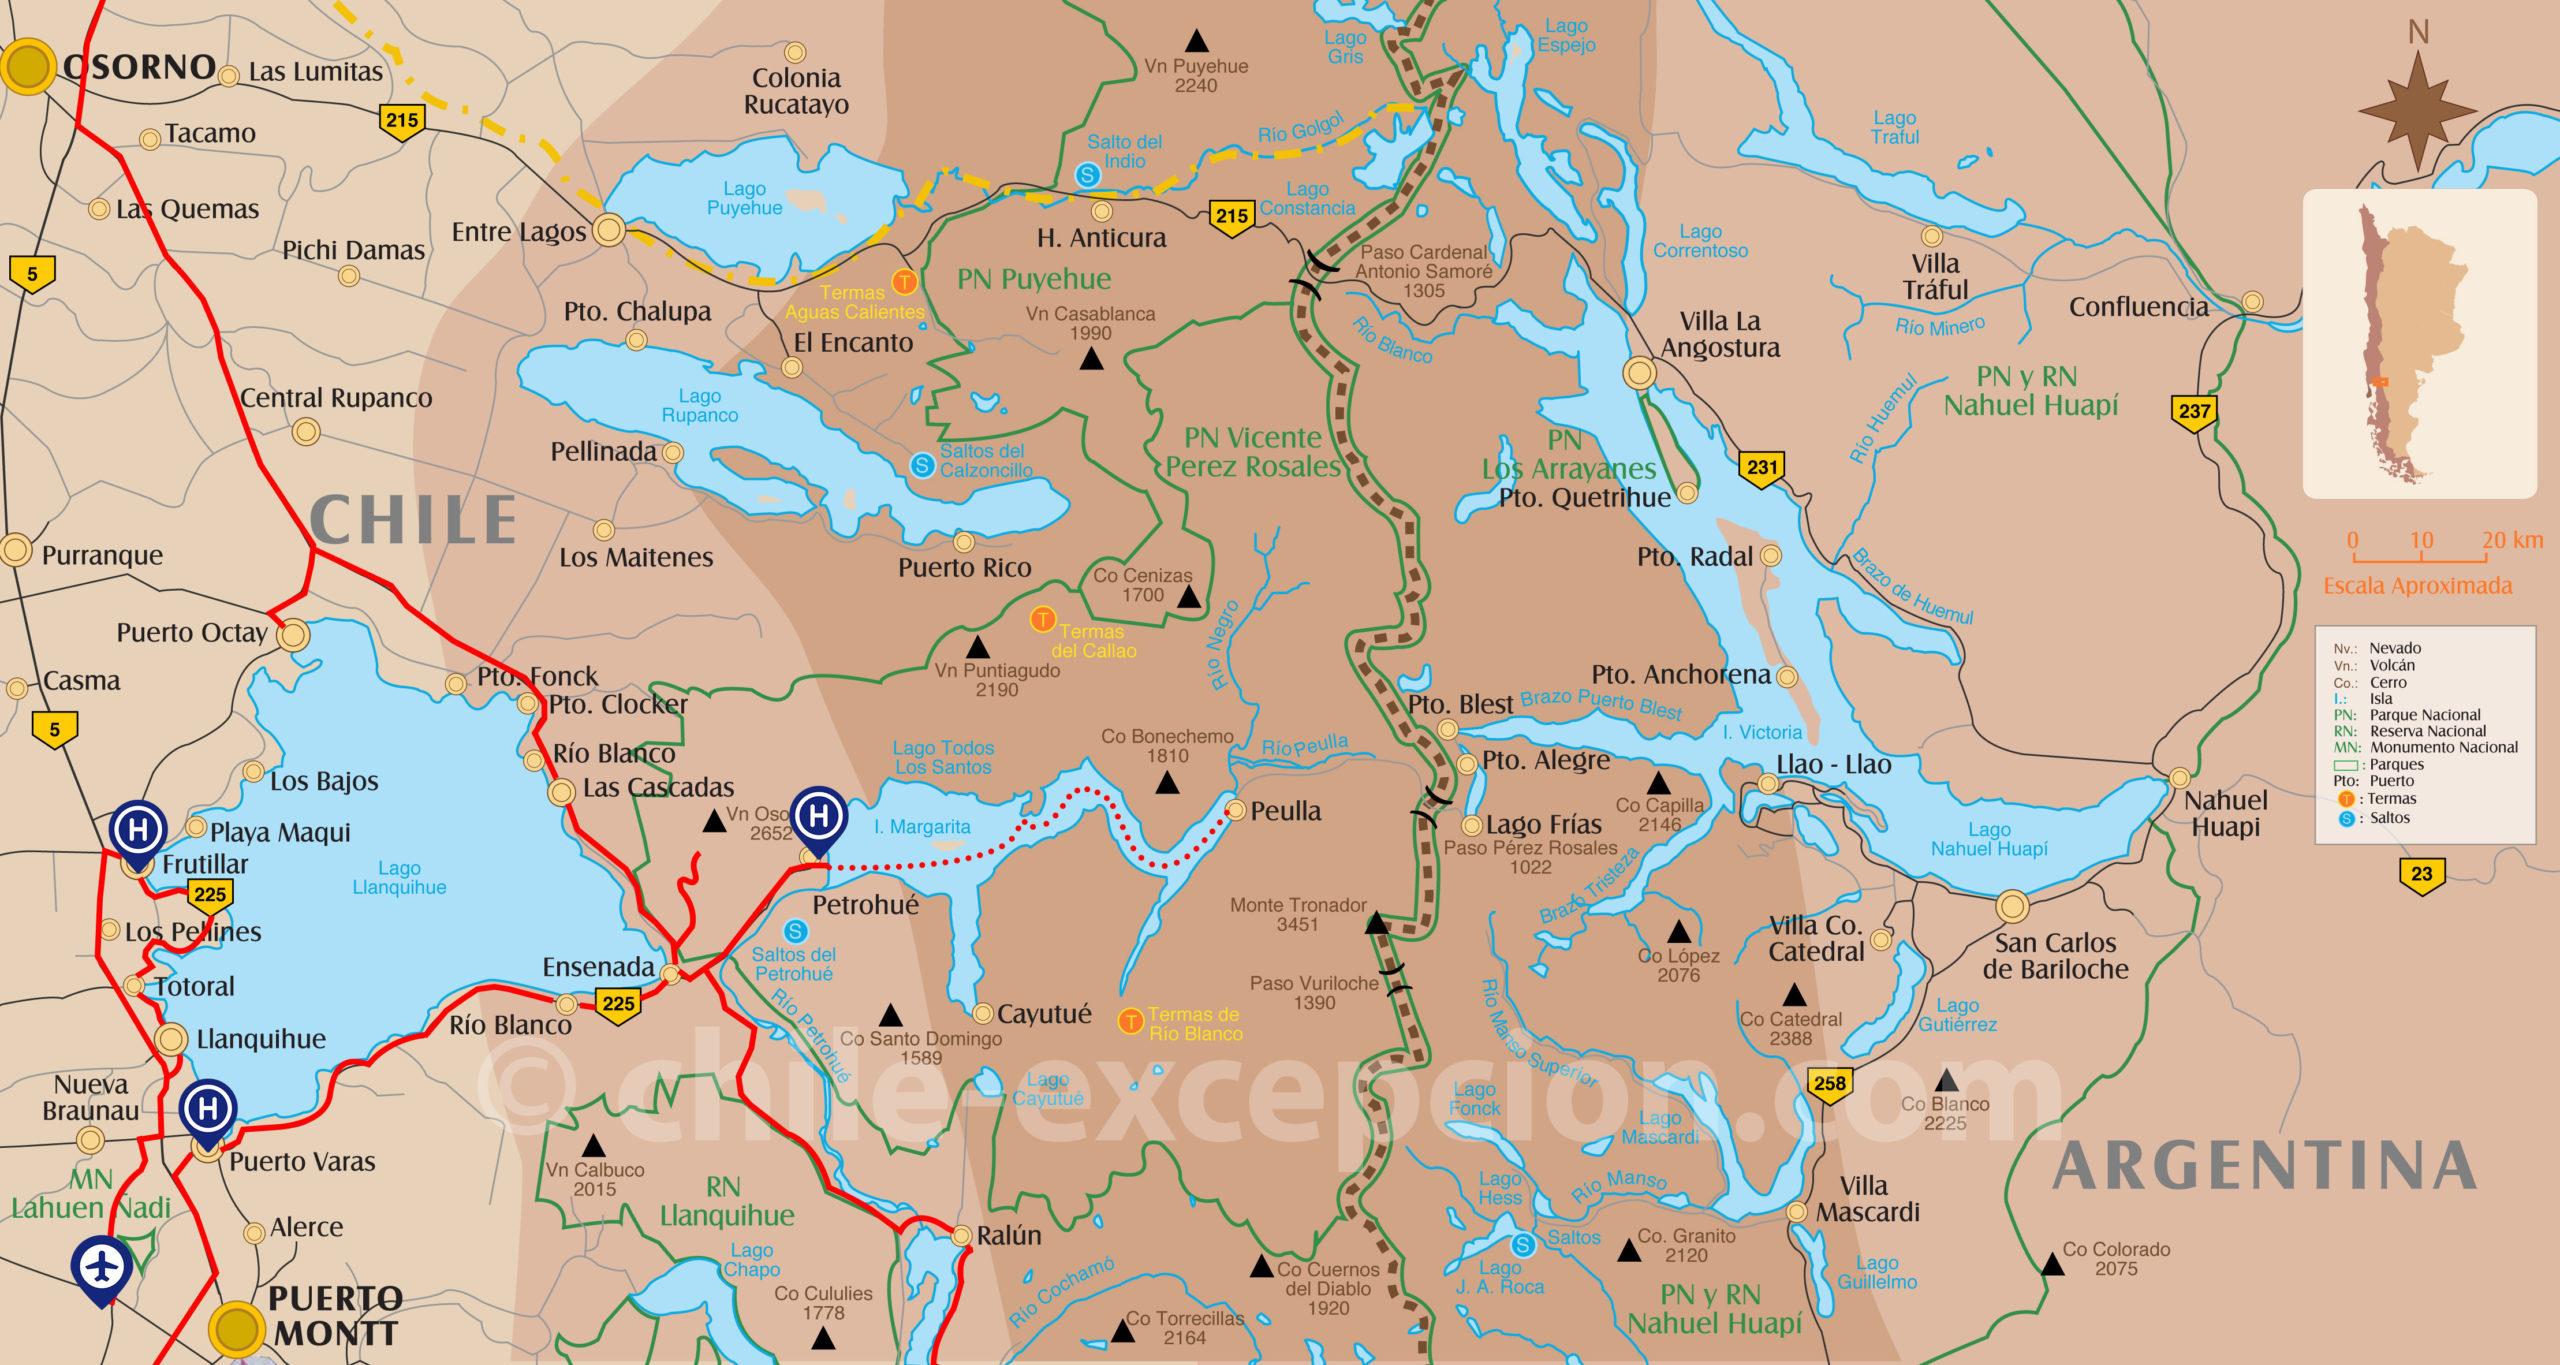 Carte zoomée partie Lac Llanquihue circuit 9